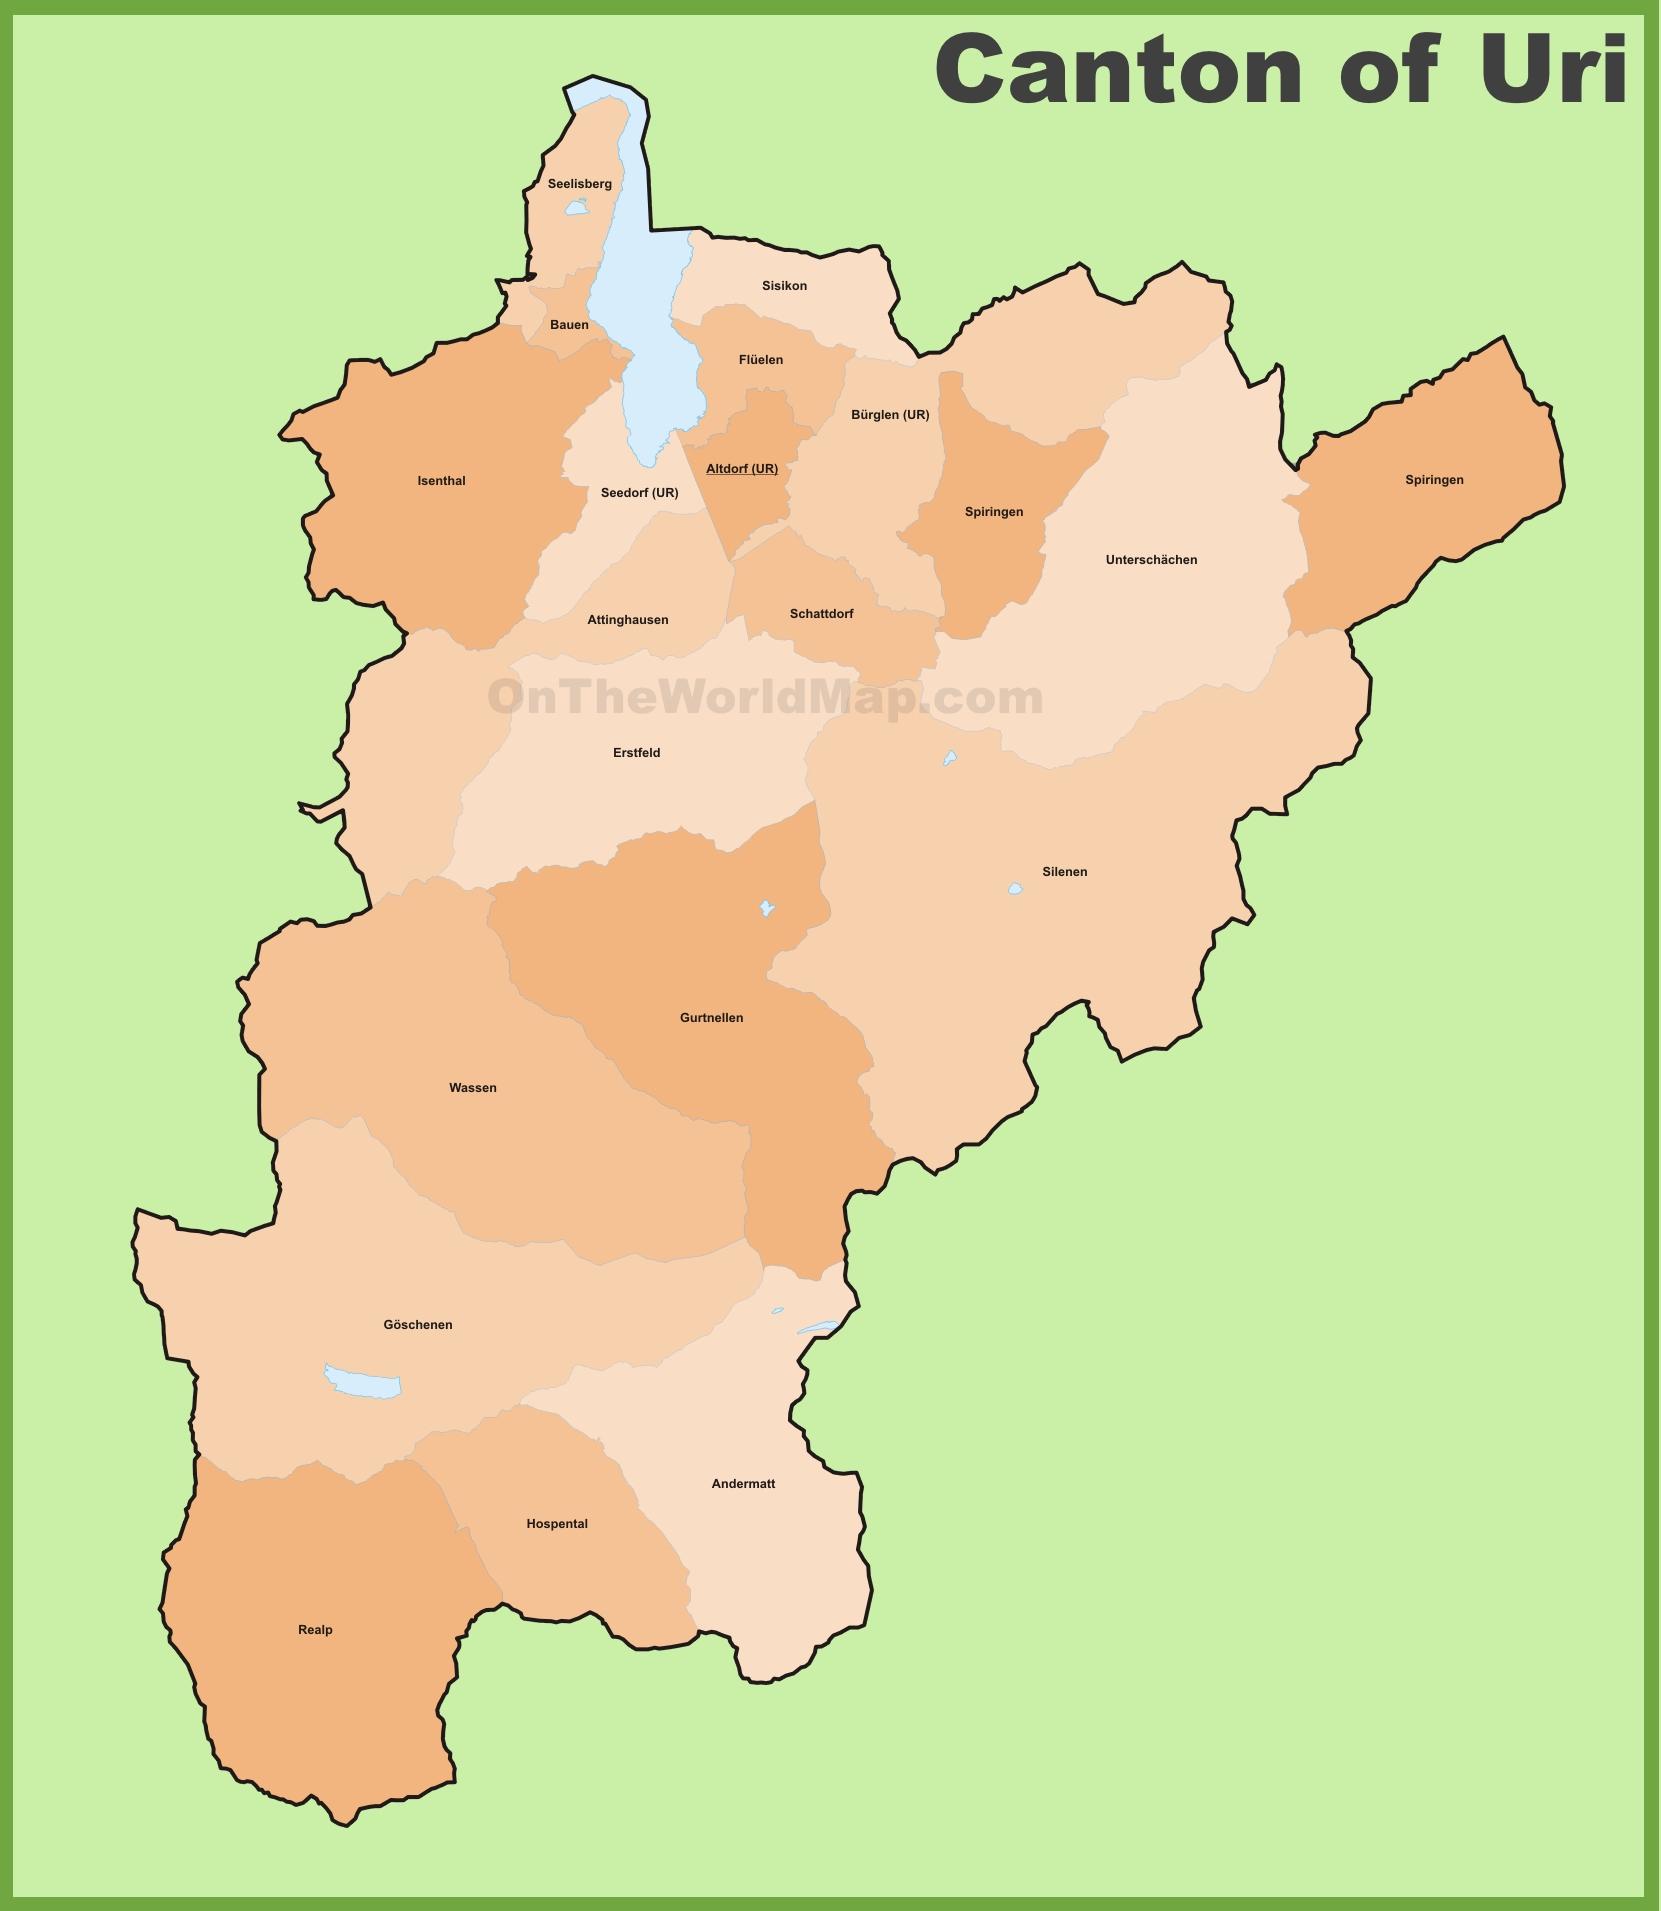 Canton of Uri municipality map